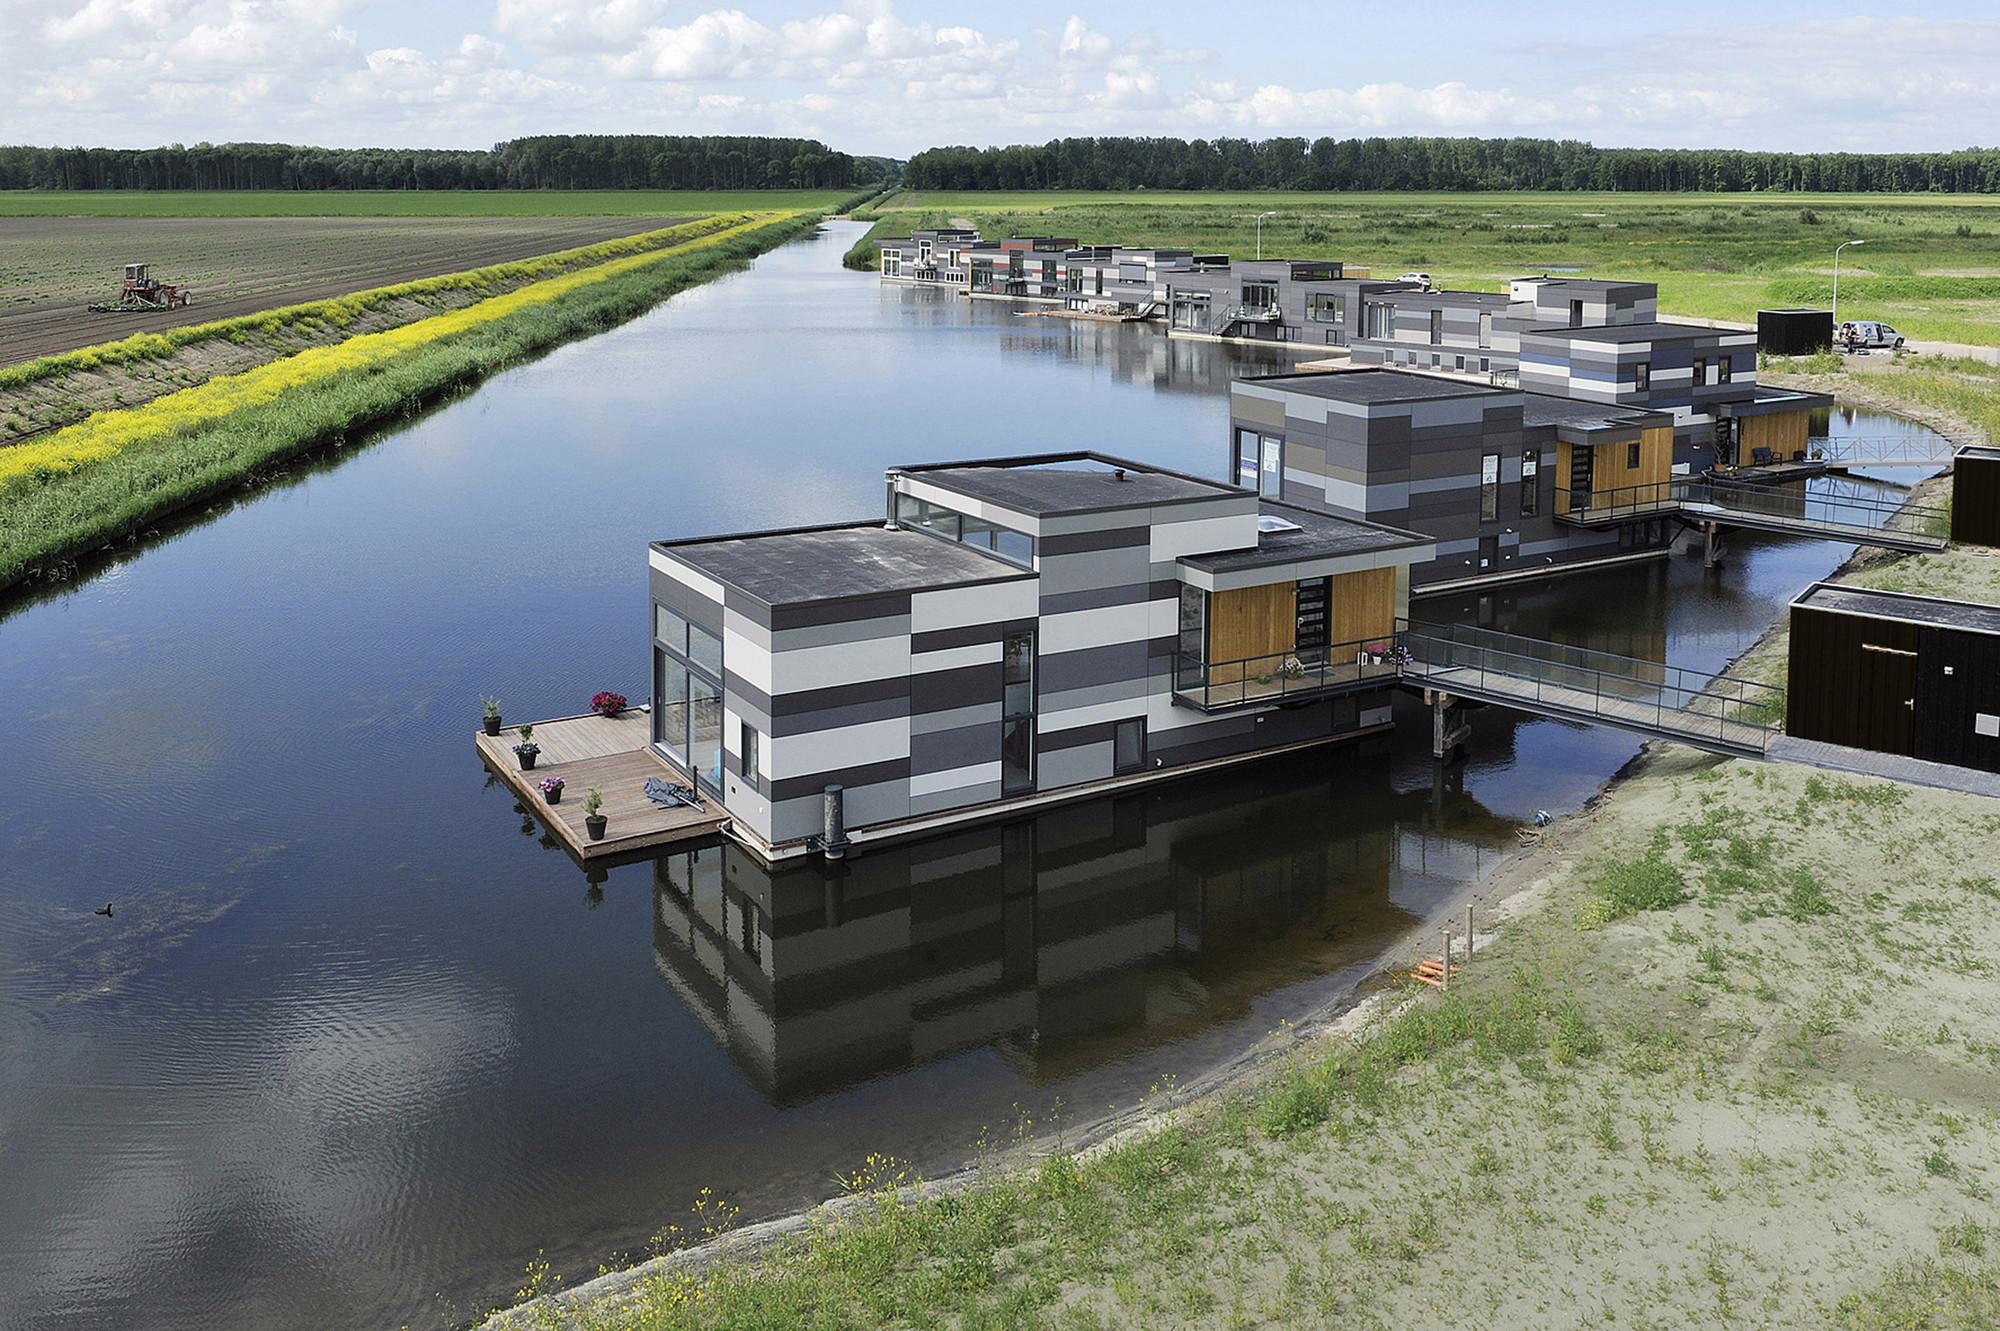 Приплыли: Мишустин поручил ведомствам изучить идею строительства домов на воде